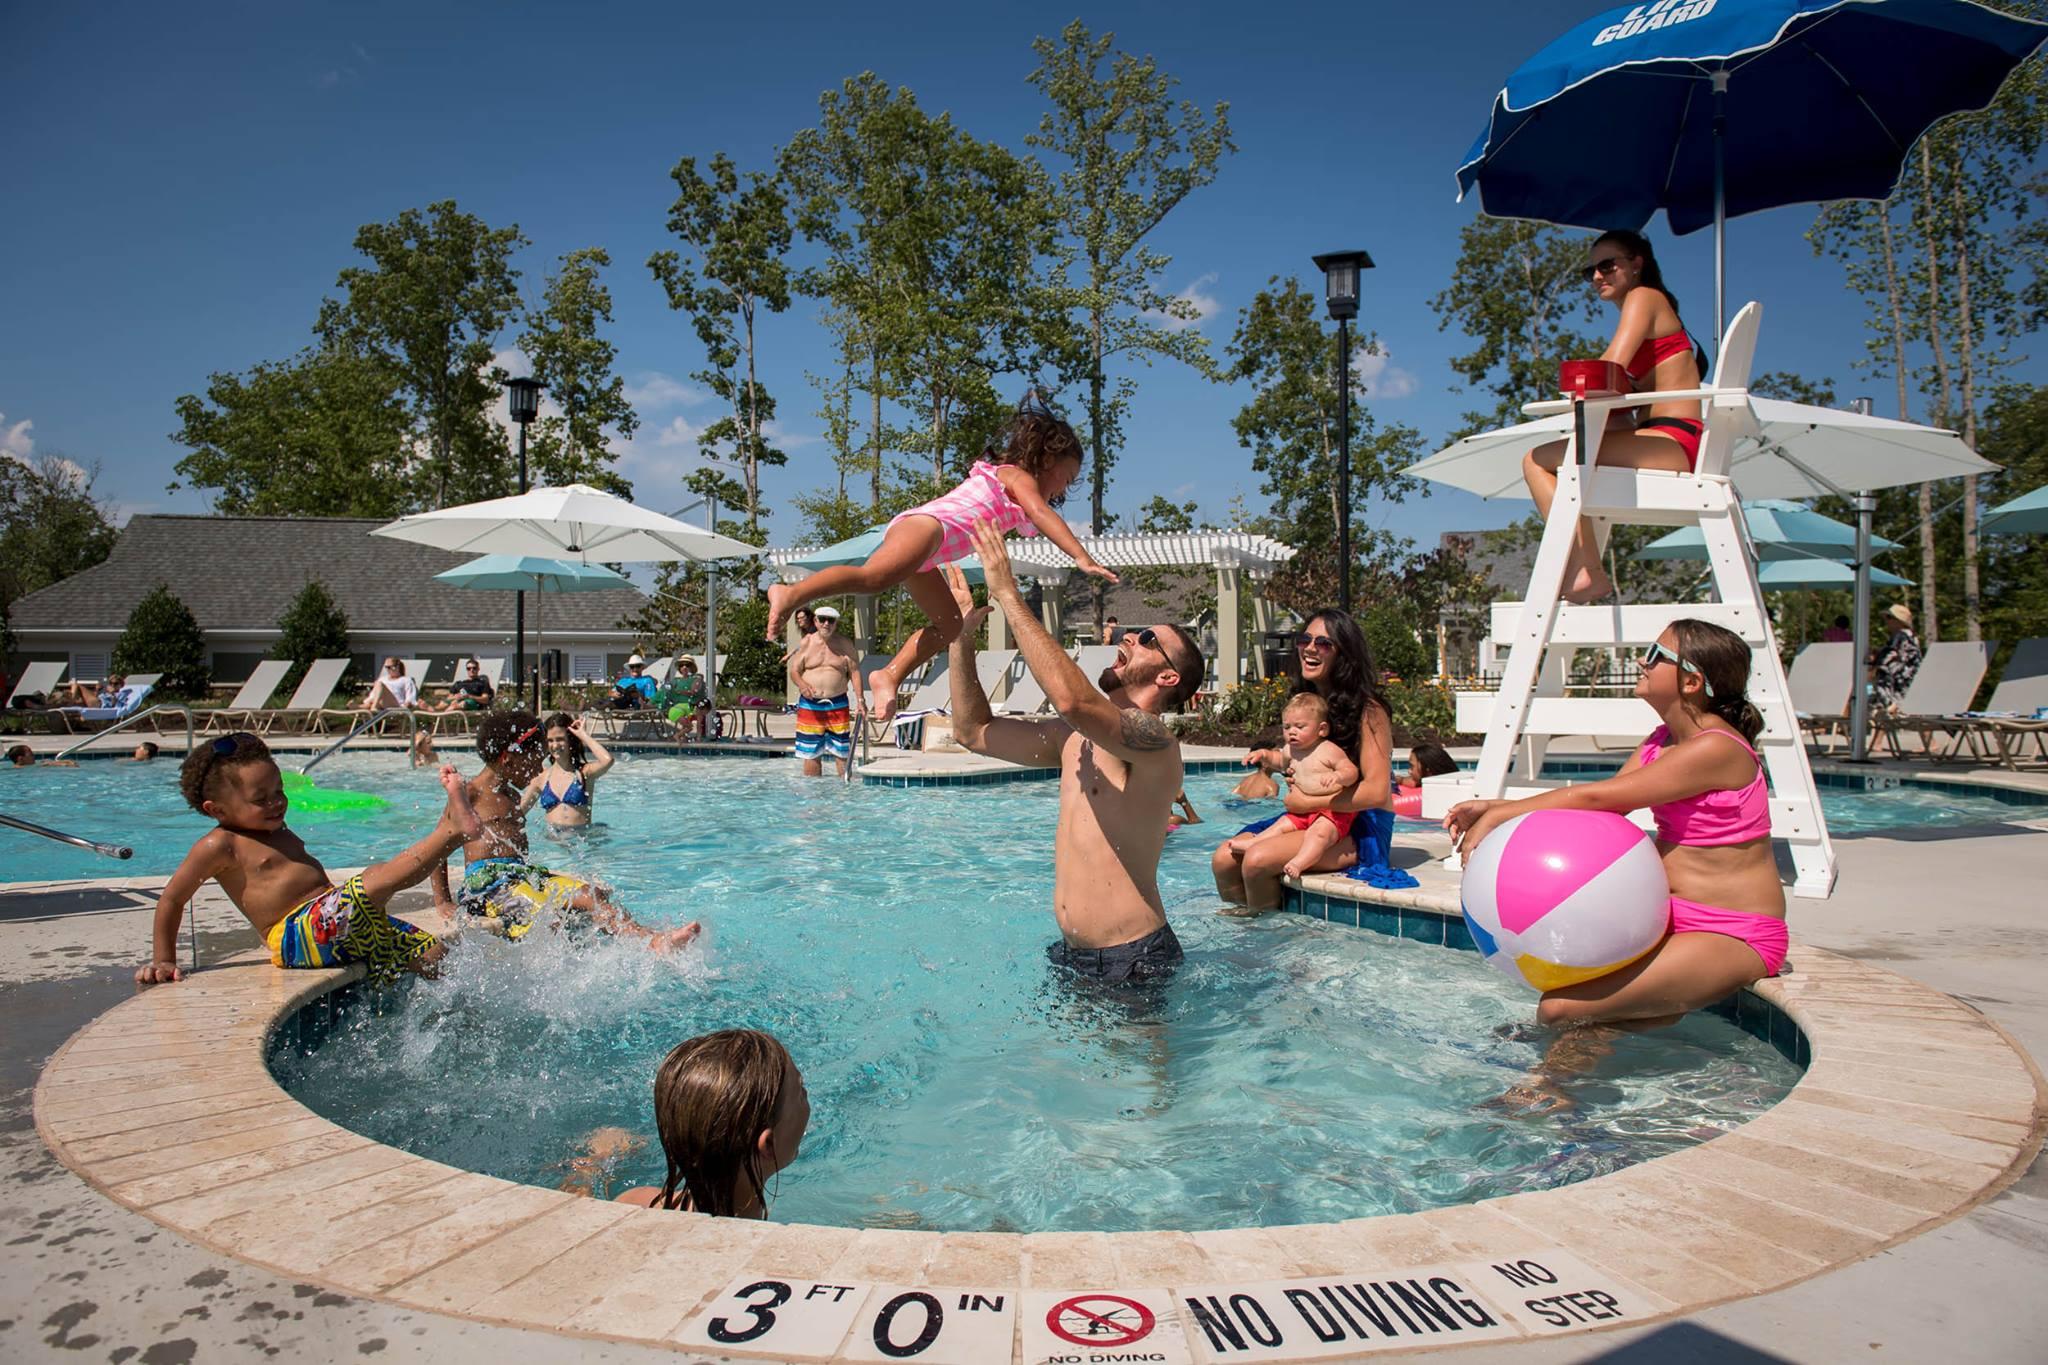 Hot tub at the Magnolia Green Aquatic Center in Moseley, VA